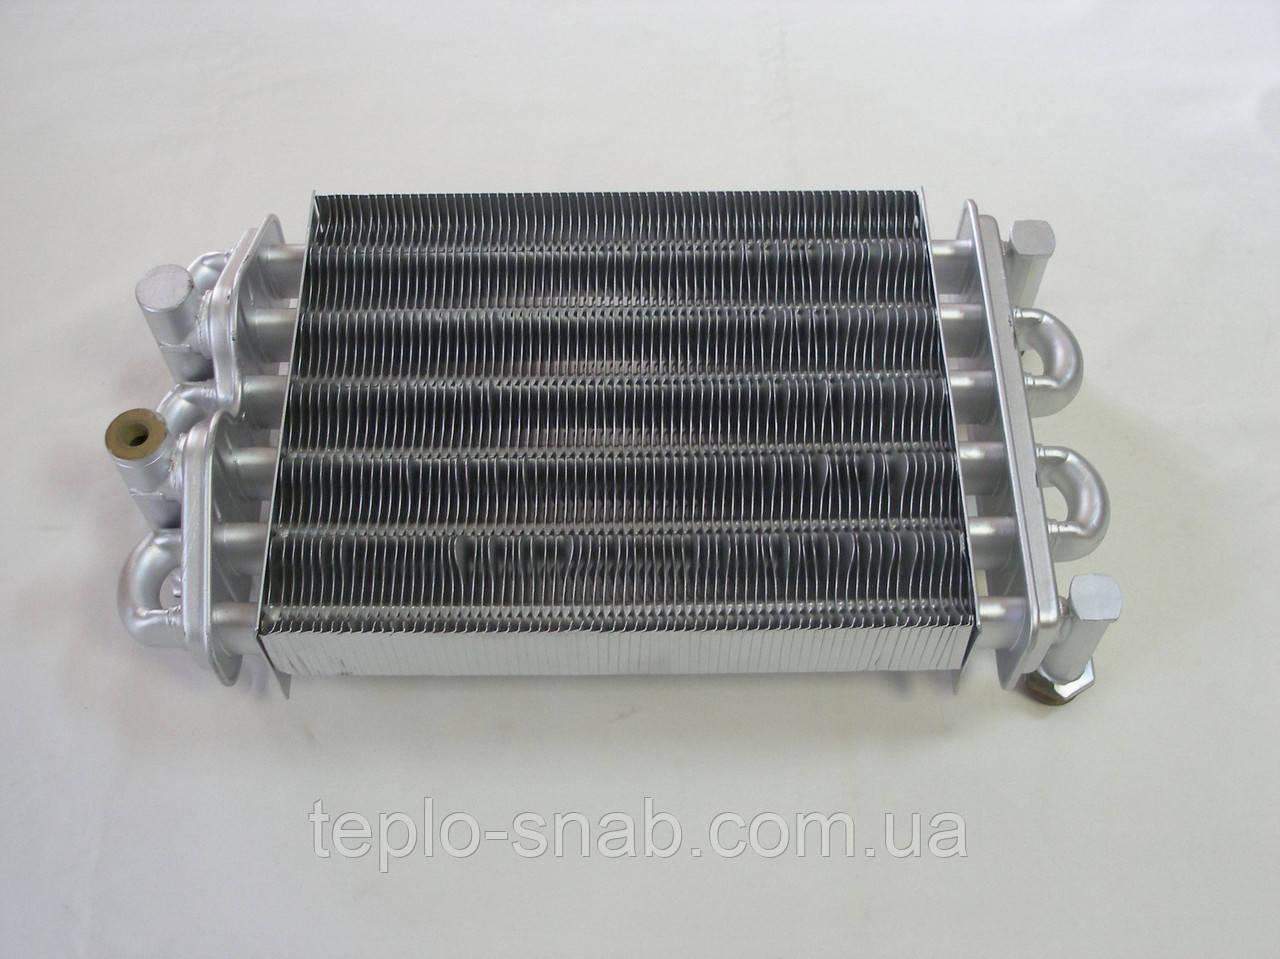 Теплообменник битермический для газового котла Nobel 18 SE PRO. 52120 (70 лам.)